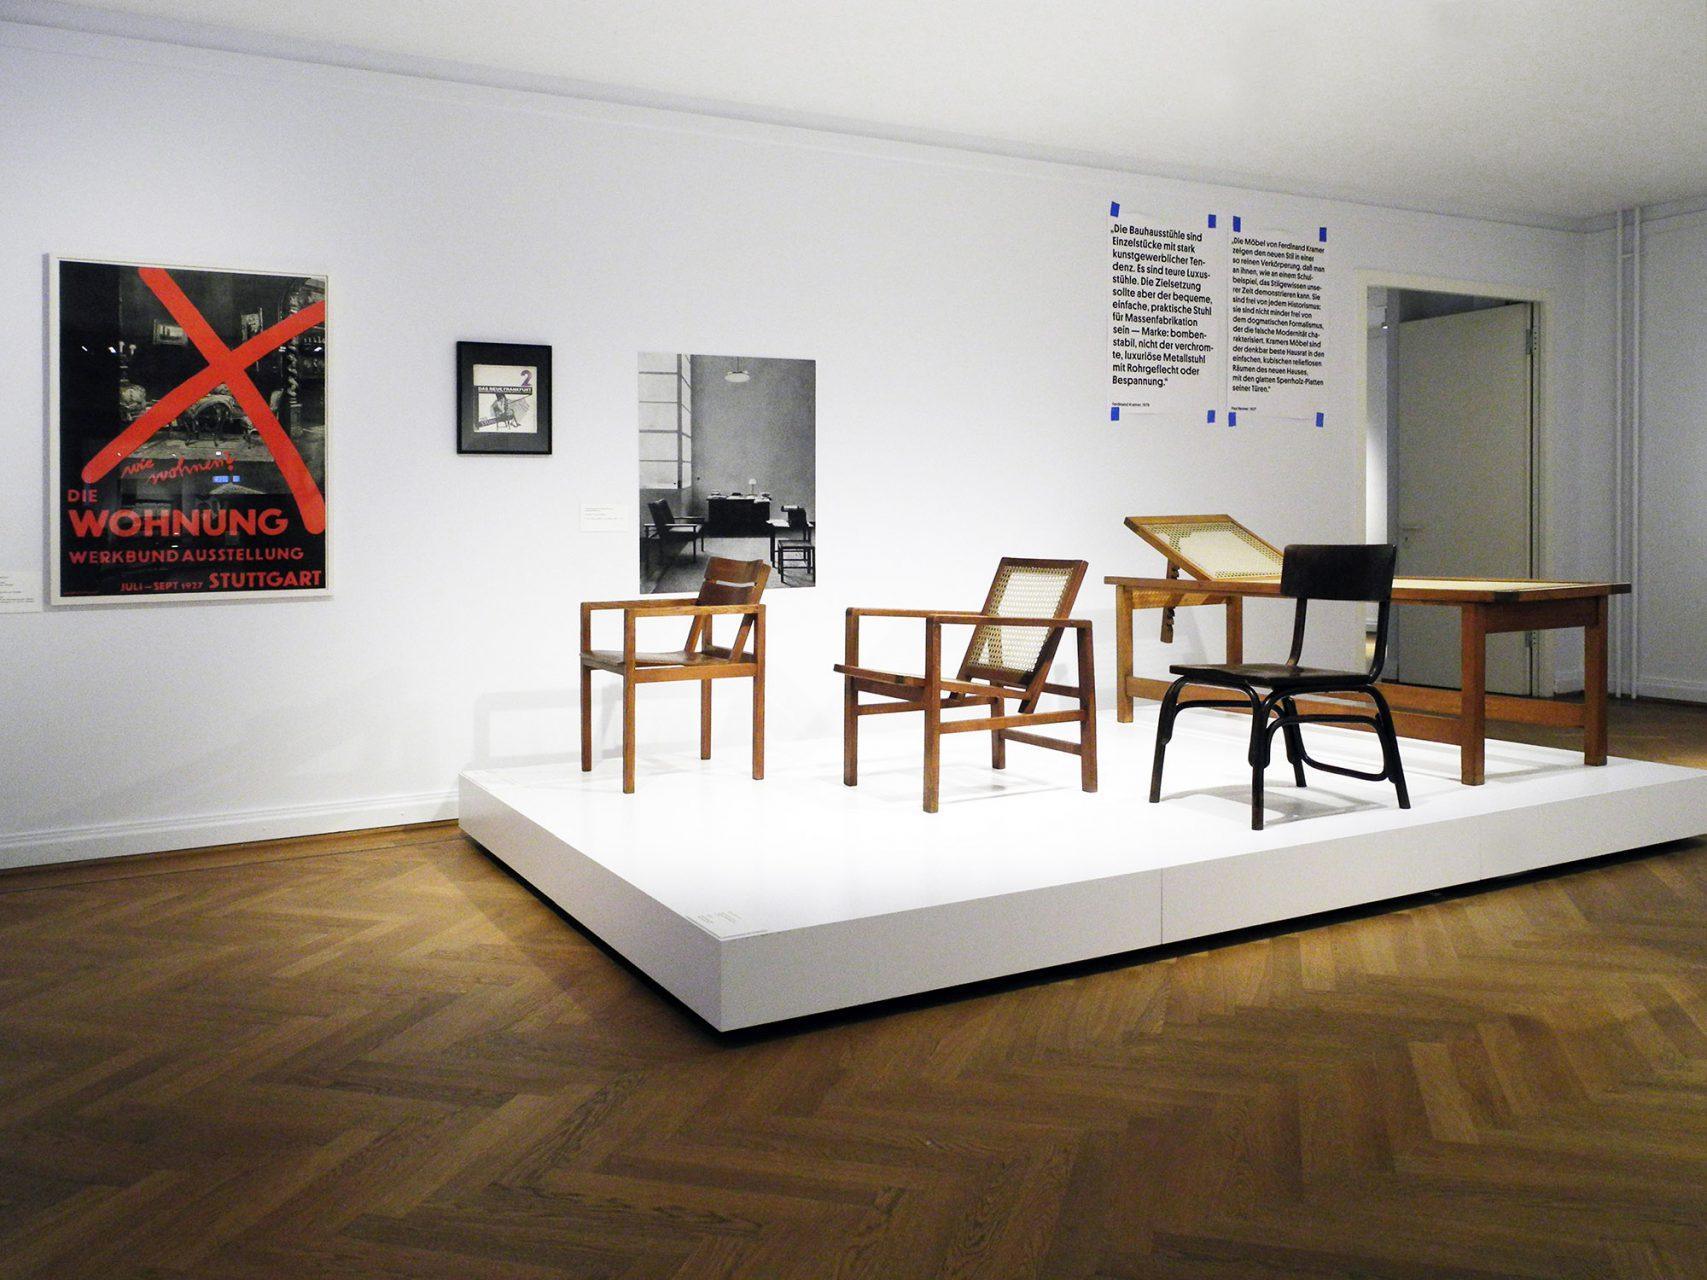 Neues Frankfurt.  Als konsequentestes Projekt der funktionalistischen Gestaltung in der Weimarer Republik zählt das ab 1925 groß angelegte Siedlungsbauprogramm in Frankfurt am Main unter der Leitung von Ernst May (1886–1979).